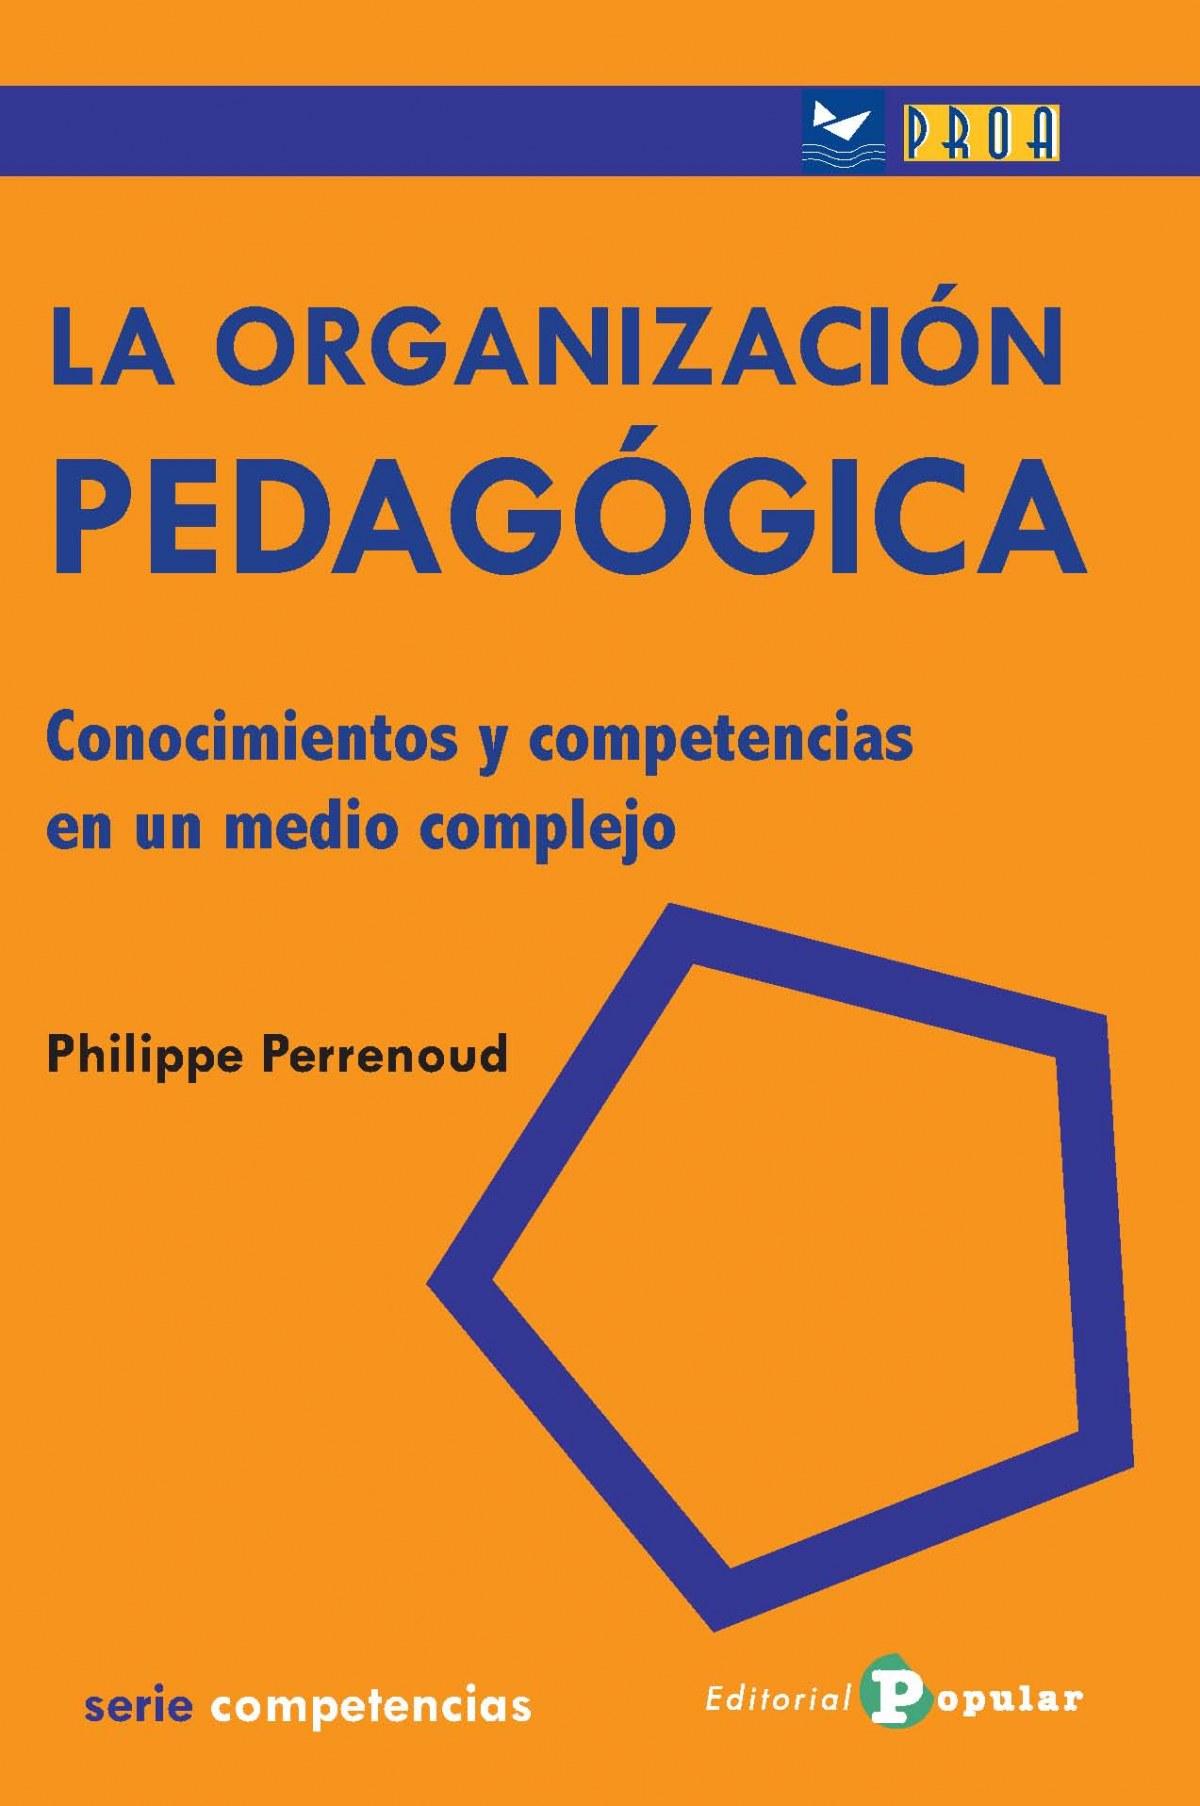 La organización pedagógica